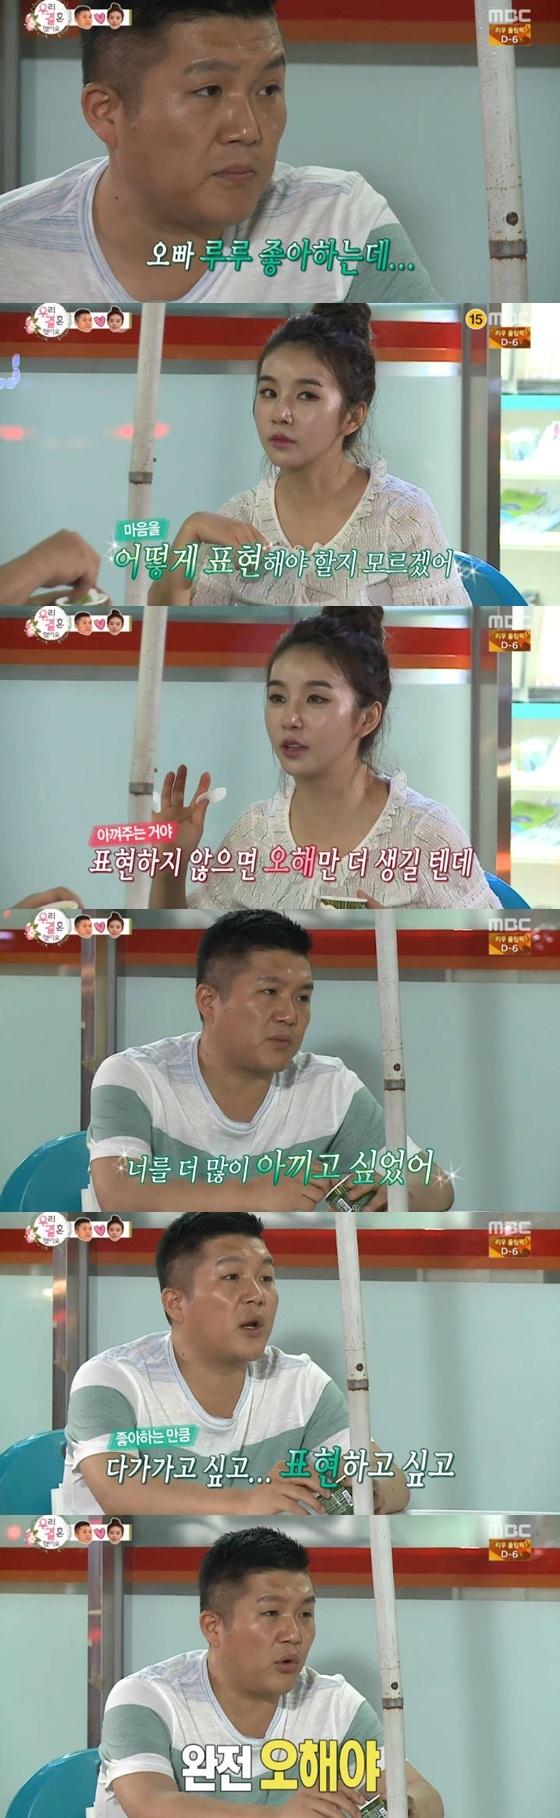 조세호♥차오루, 진심 어린 대화